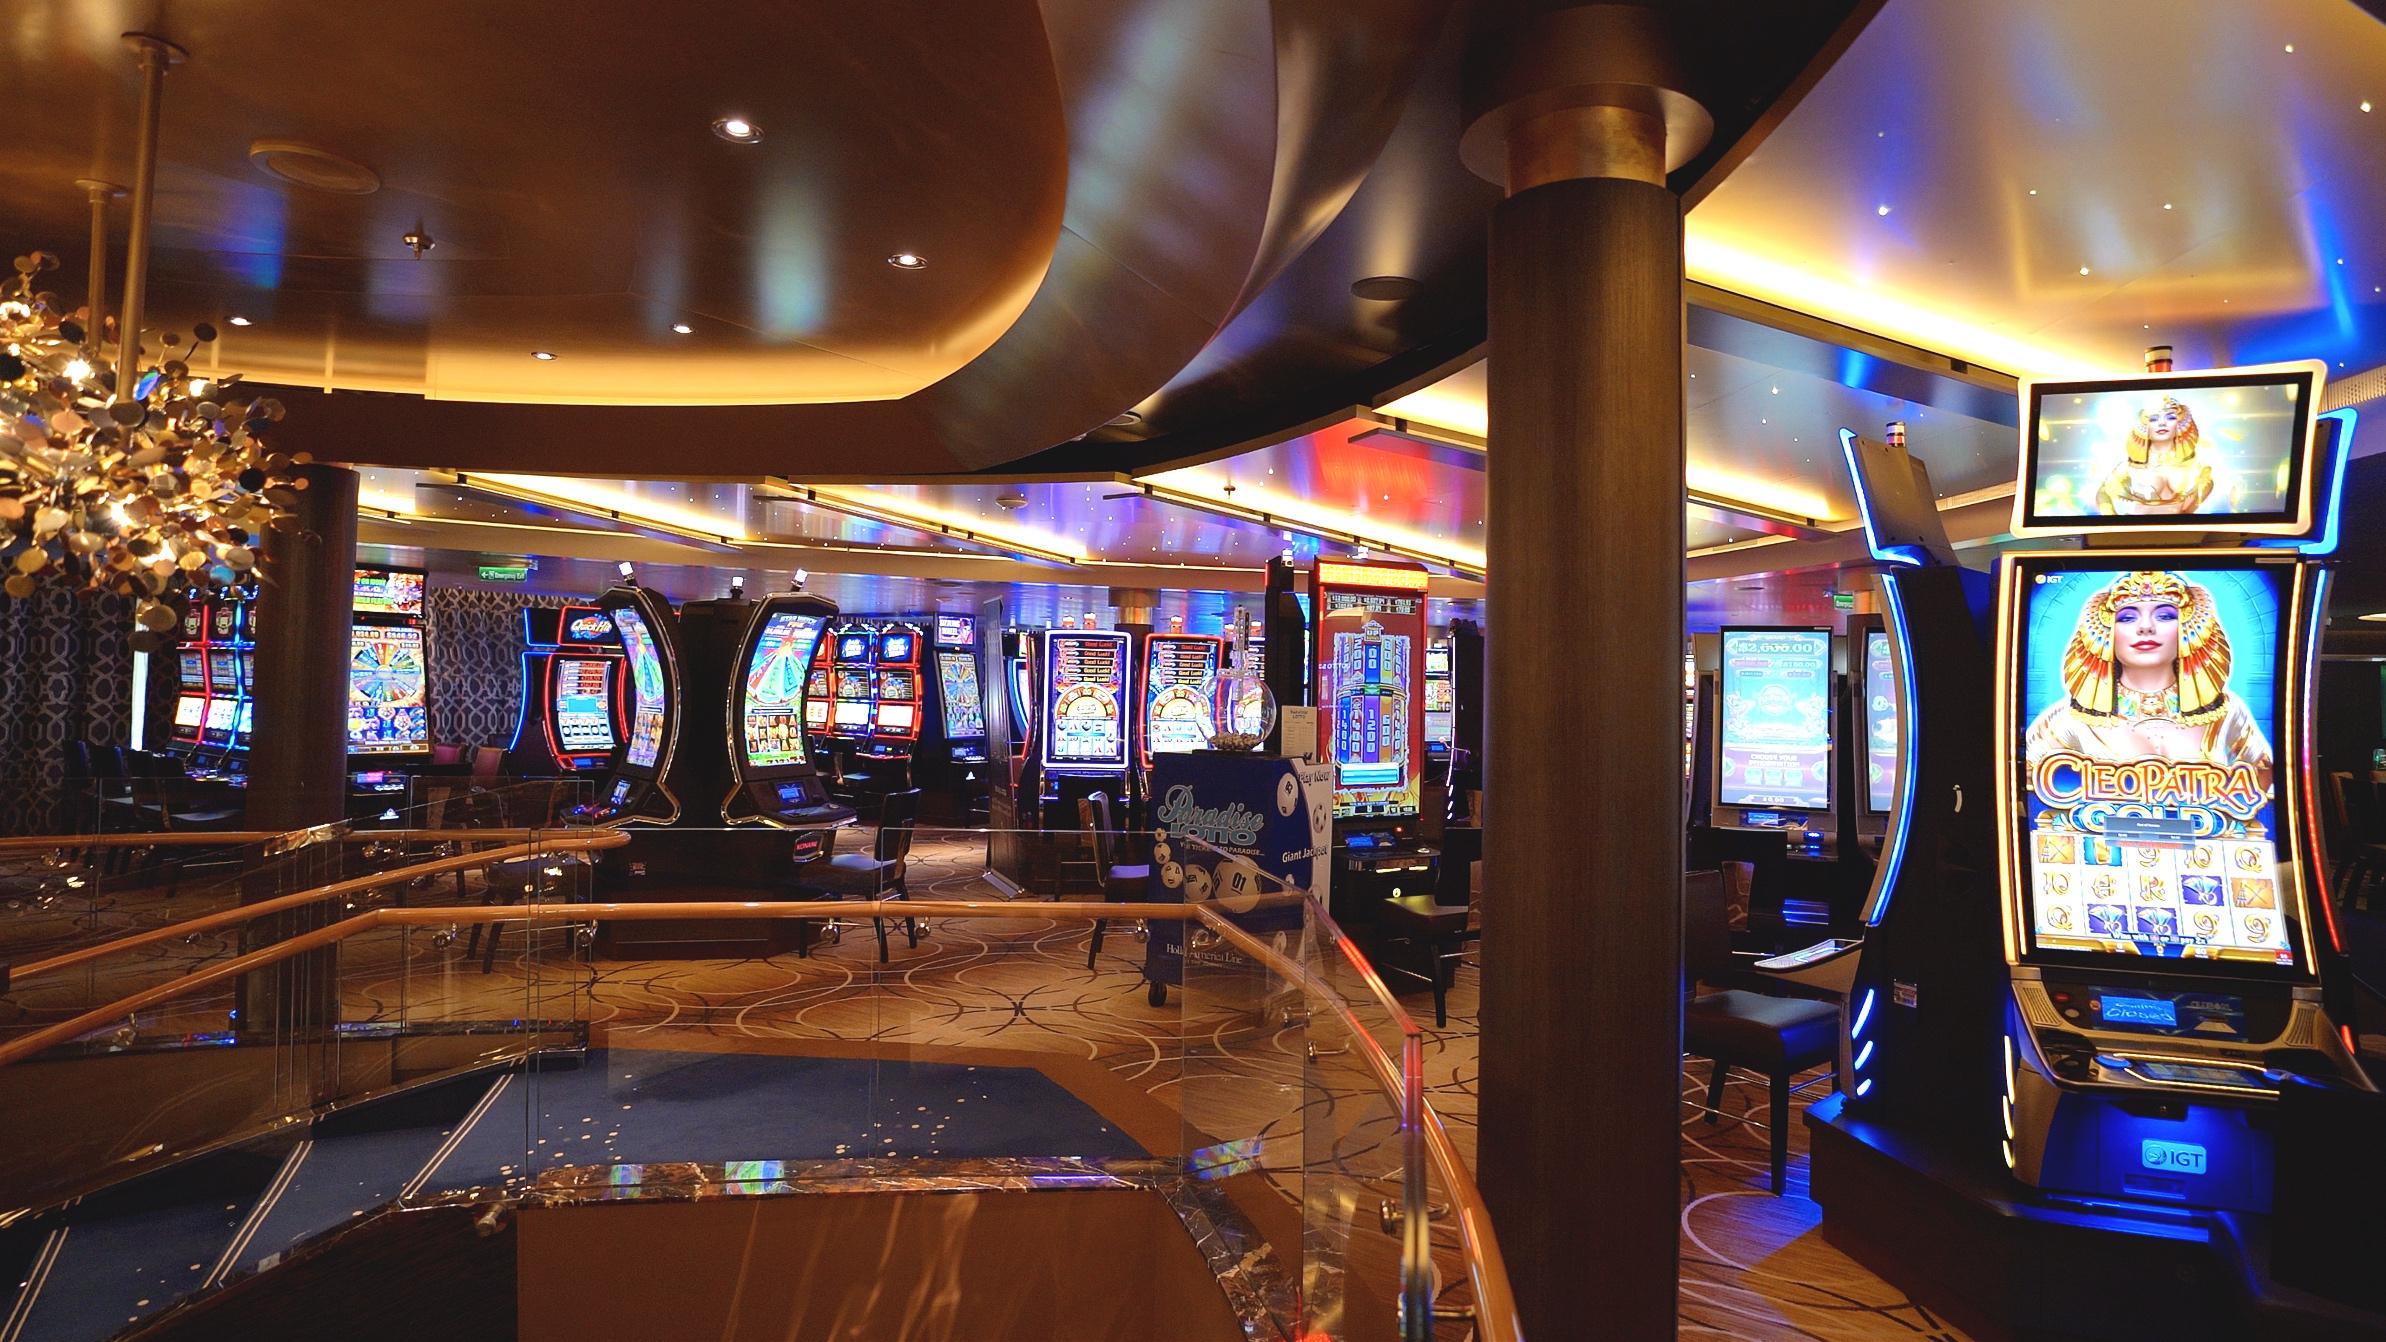 Plenty of slot machines